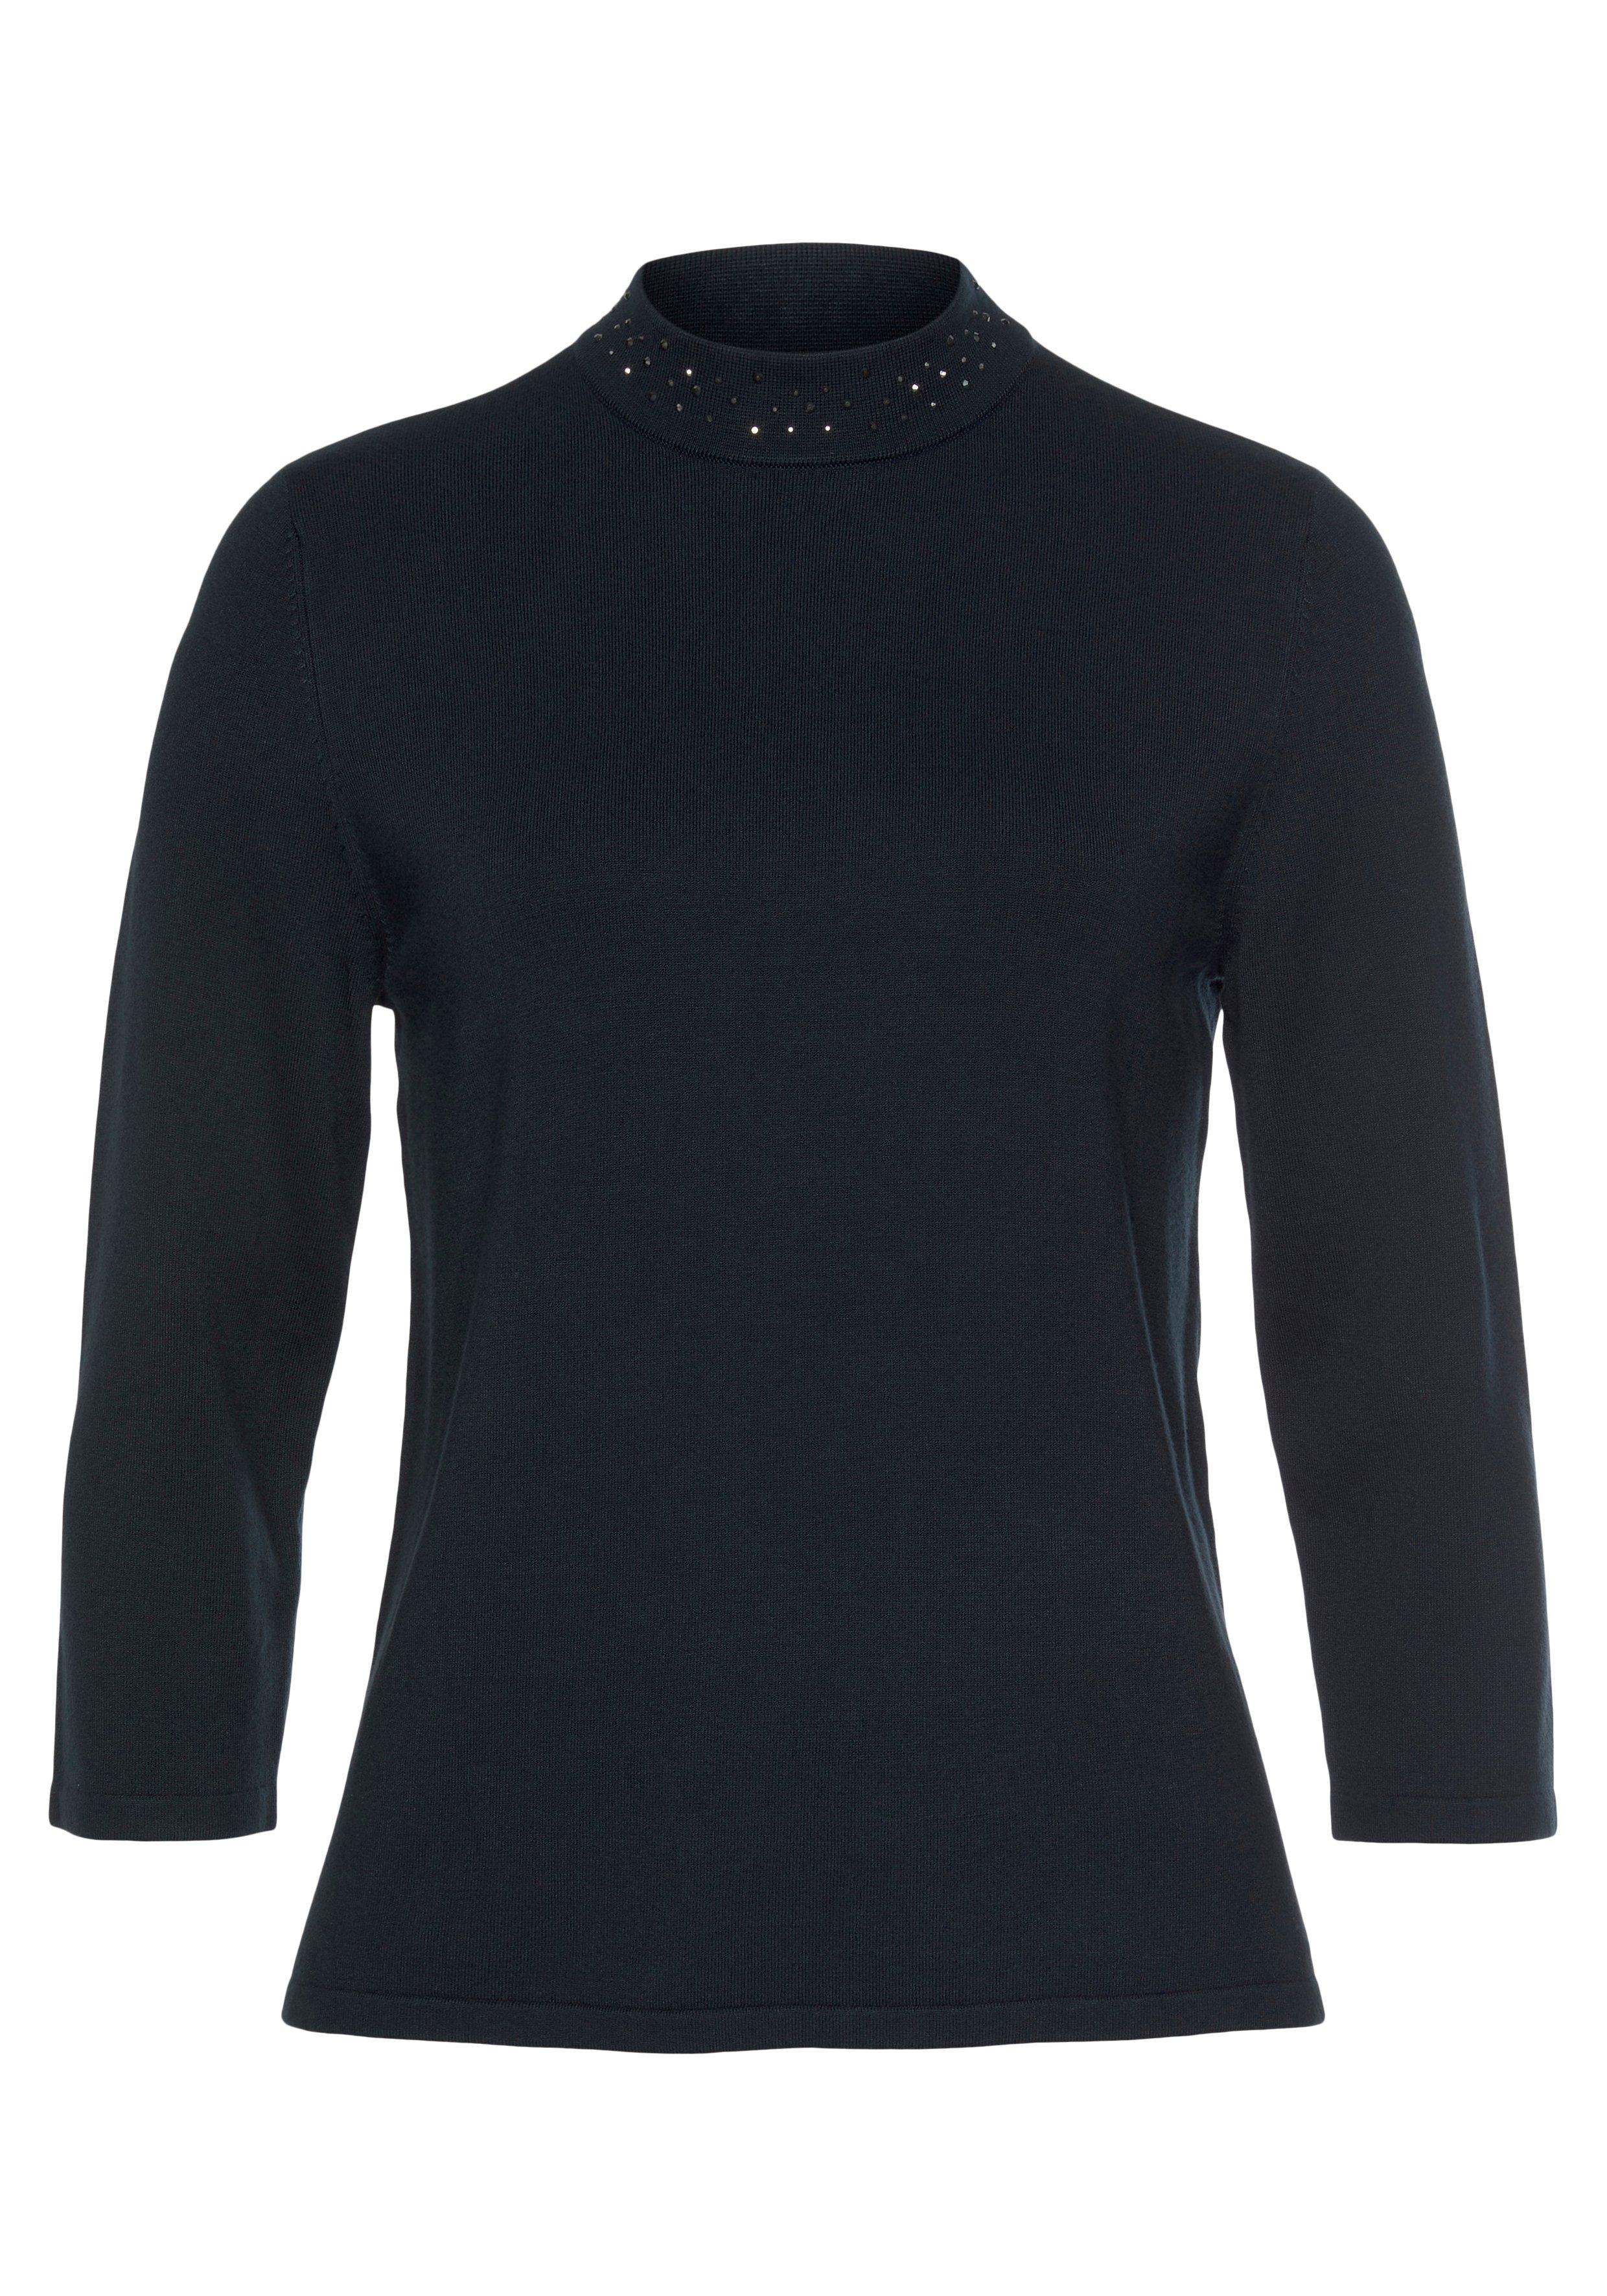 s.Oliver BLACK LABEL Gebreide trui met leuke glinstersteentjes bij de hals goedkoop op otto.nl kopen